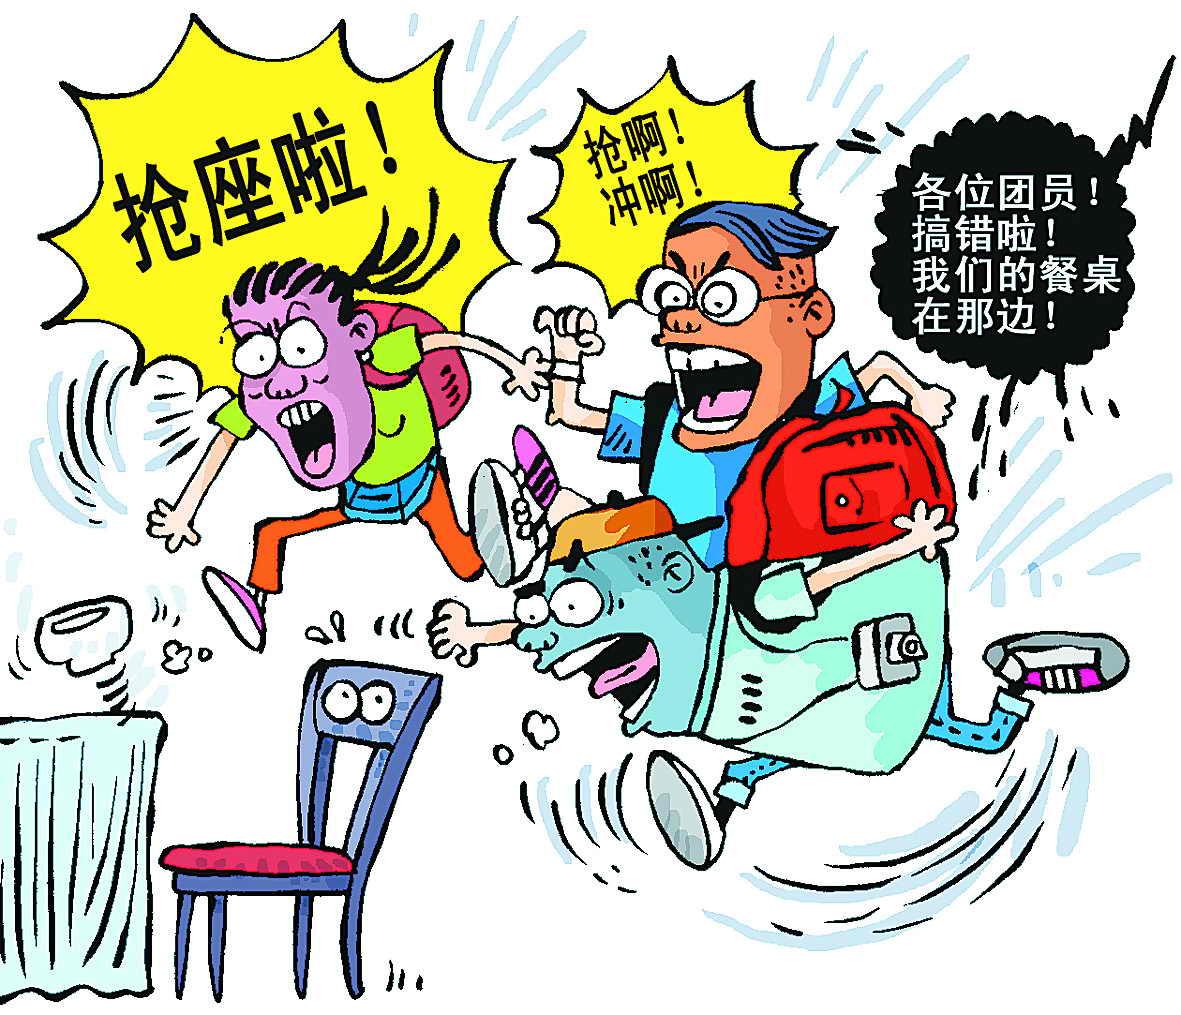 员常常进门就抢占就餐座位; 有时几个游客争一个座位或房间; 镜头 抢